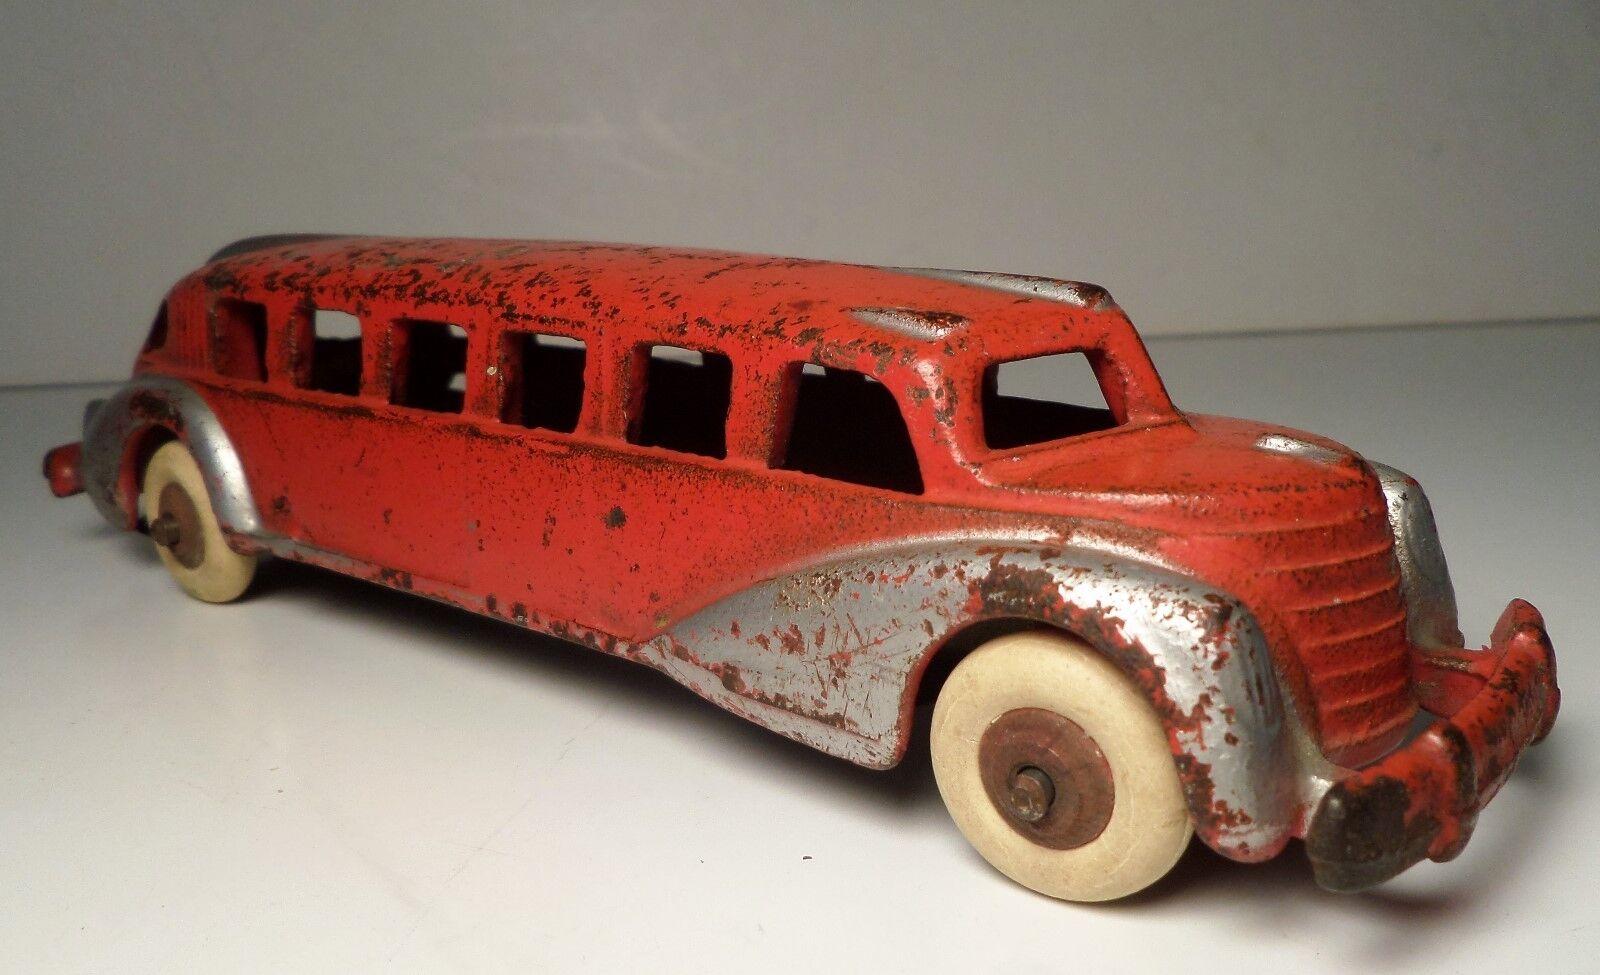 Hubley Art Deco Vintage Rojo y Plata futurista Bus 7 3 4  Abolladura Arcade